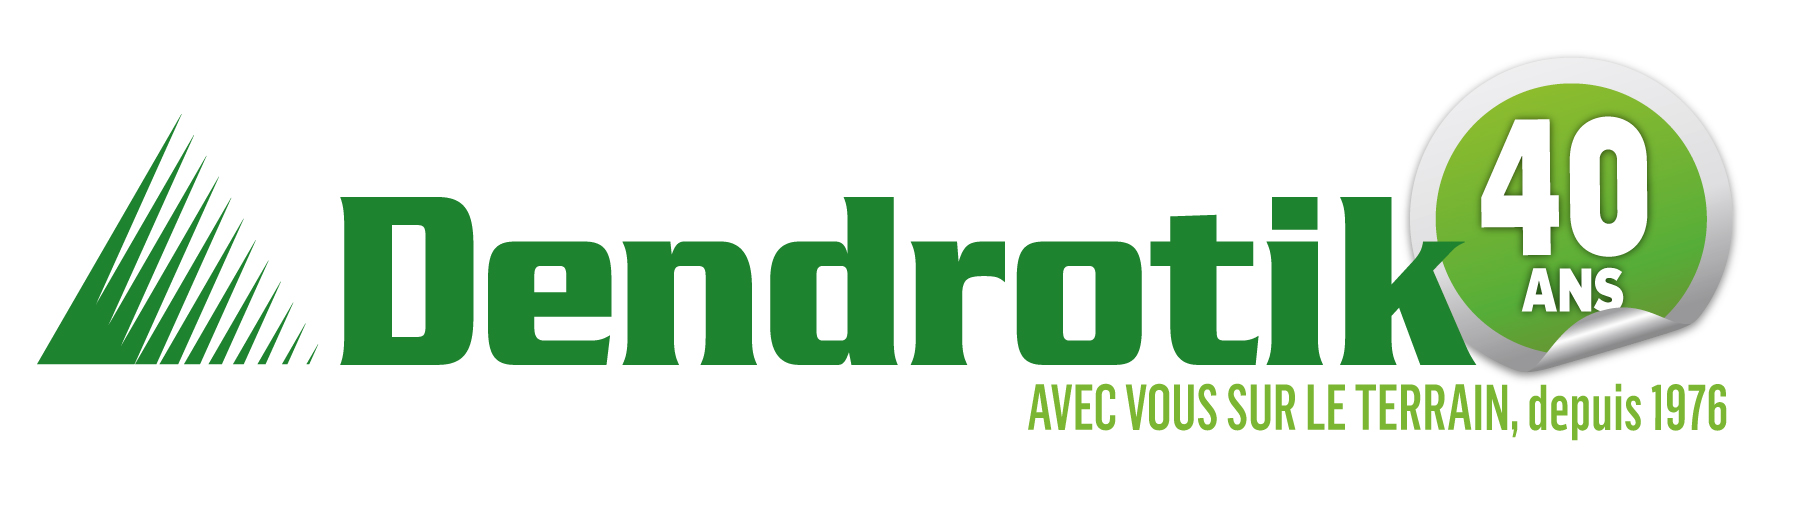 logo Dendrotik inc.